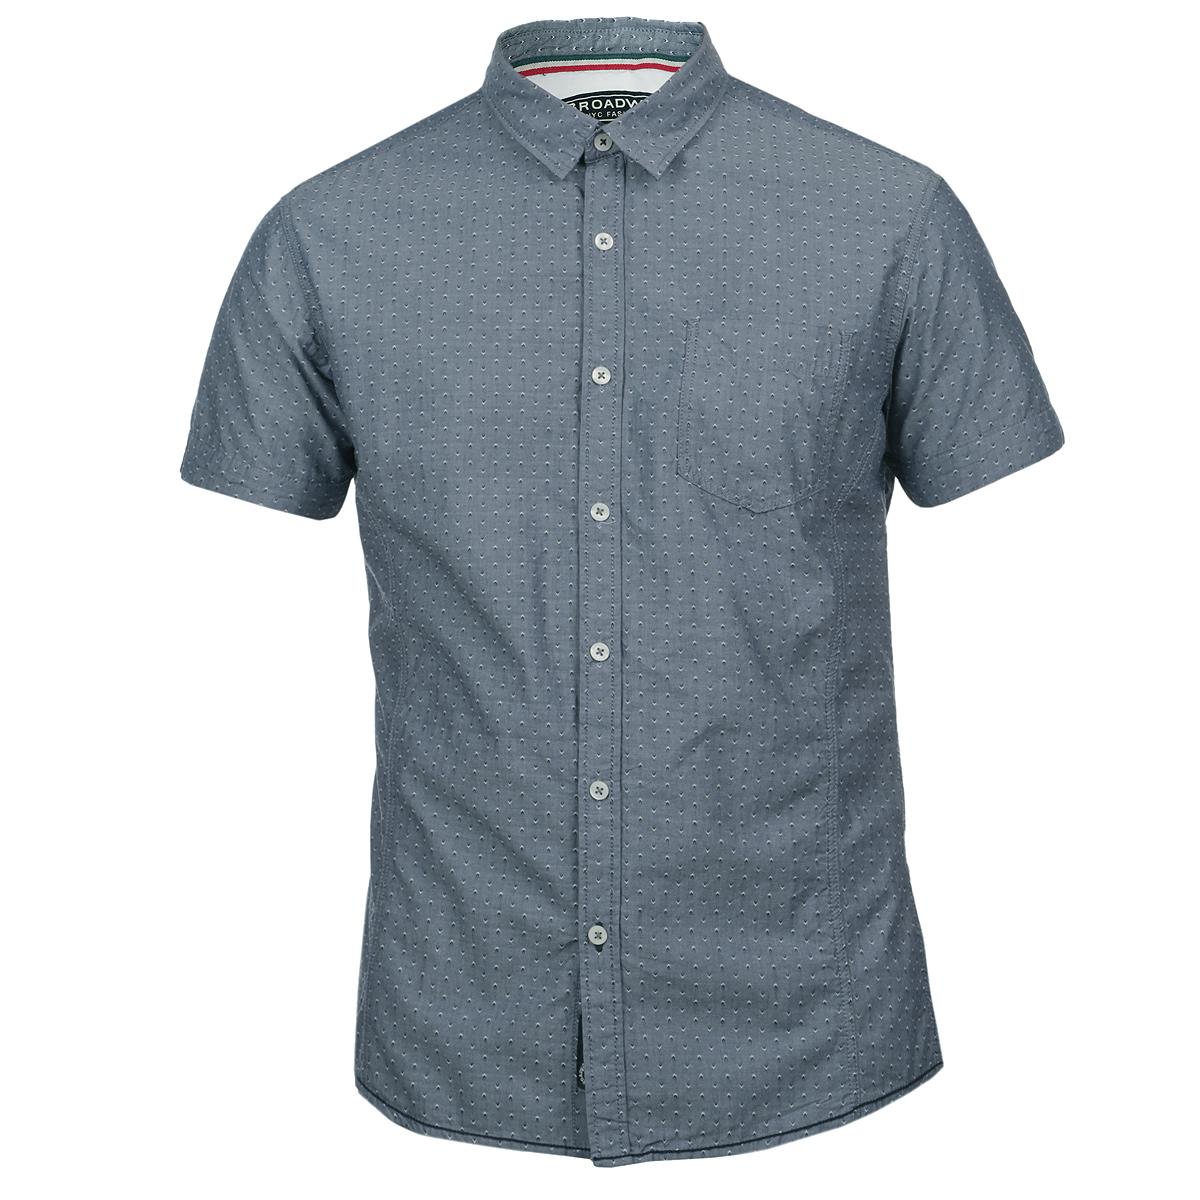 Рубашка мужская. 1015230810152308 51EОтличная мужская рубашка Broadway, выполненная из хлопка, обладает высокой теплопроводностью, воздухопроницаемостью и гигроскопичностью, позволяет коже дышать, тем самым обеспечивая наибольший комфорт при носке даже самым жарким летом. Рубашка приталенного кроя с короткими рукавами, полукруглым низом, отложным воротником застегивается на пуговицы. Рубашка дополнена на груди накладным карманом. Рукава декорированы контрастными отворотами. Такая рубашка будет дарить вам комфорт в течение всего дня и послужит замечательным дополнением к вашему летнему гардеробу.